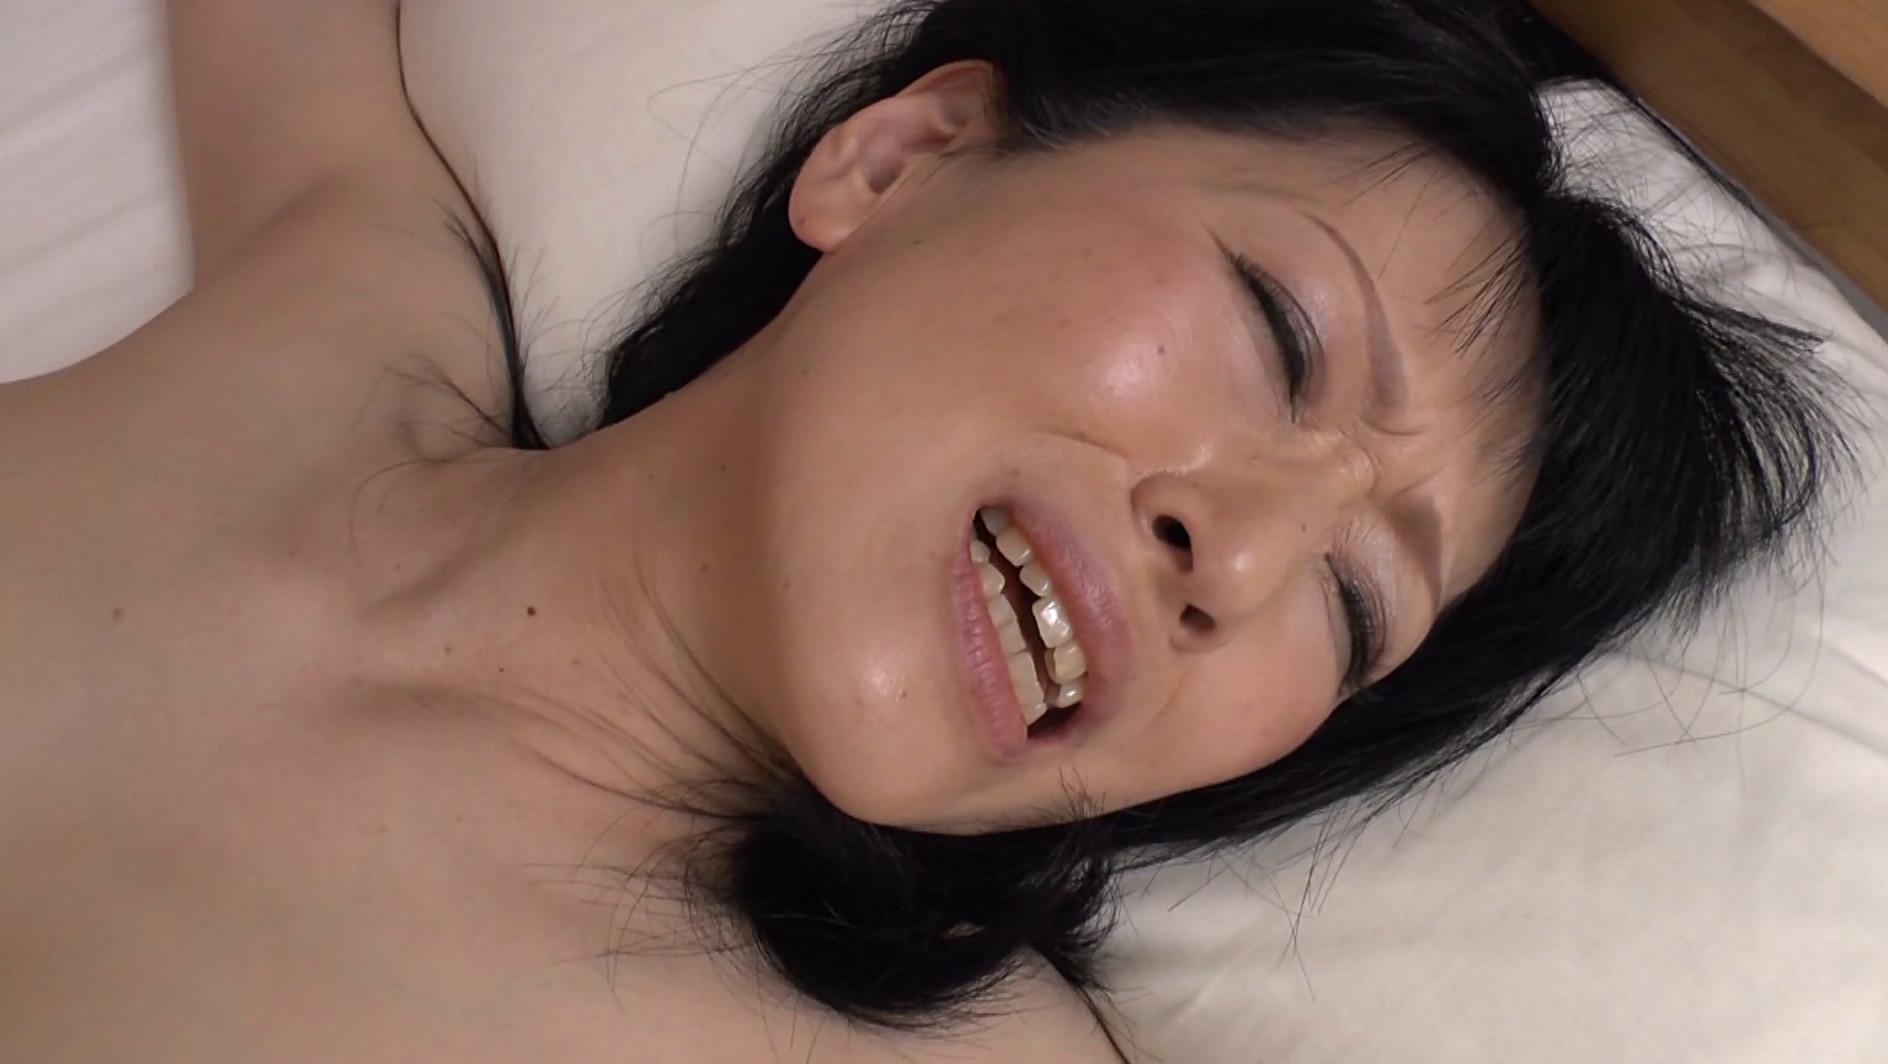 絶倫男の超デカチンが忘れられず・・・人生を狂わされた貞淑妻たち 4時間SP 画像6